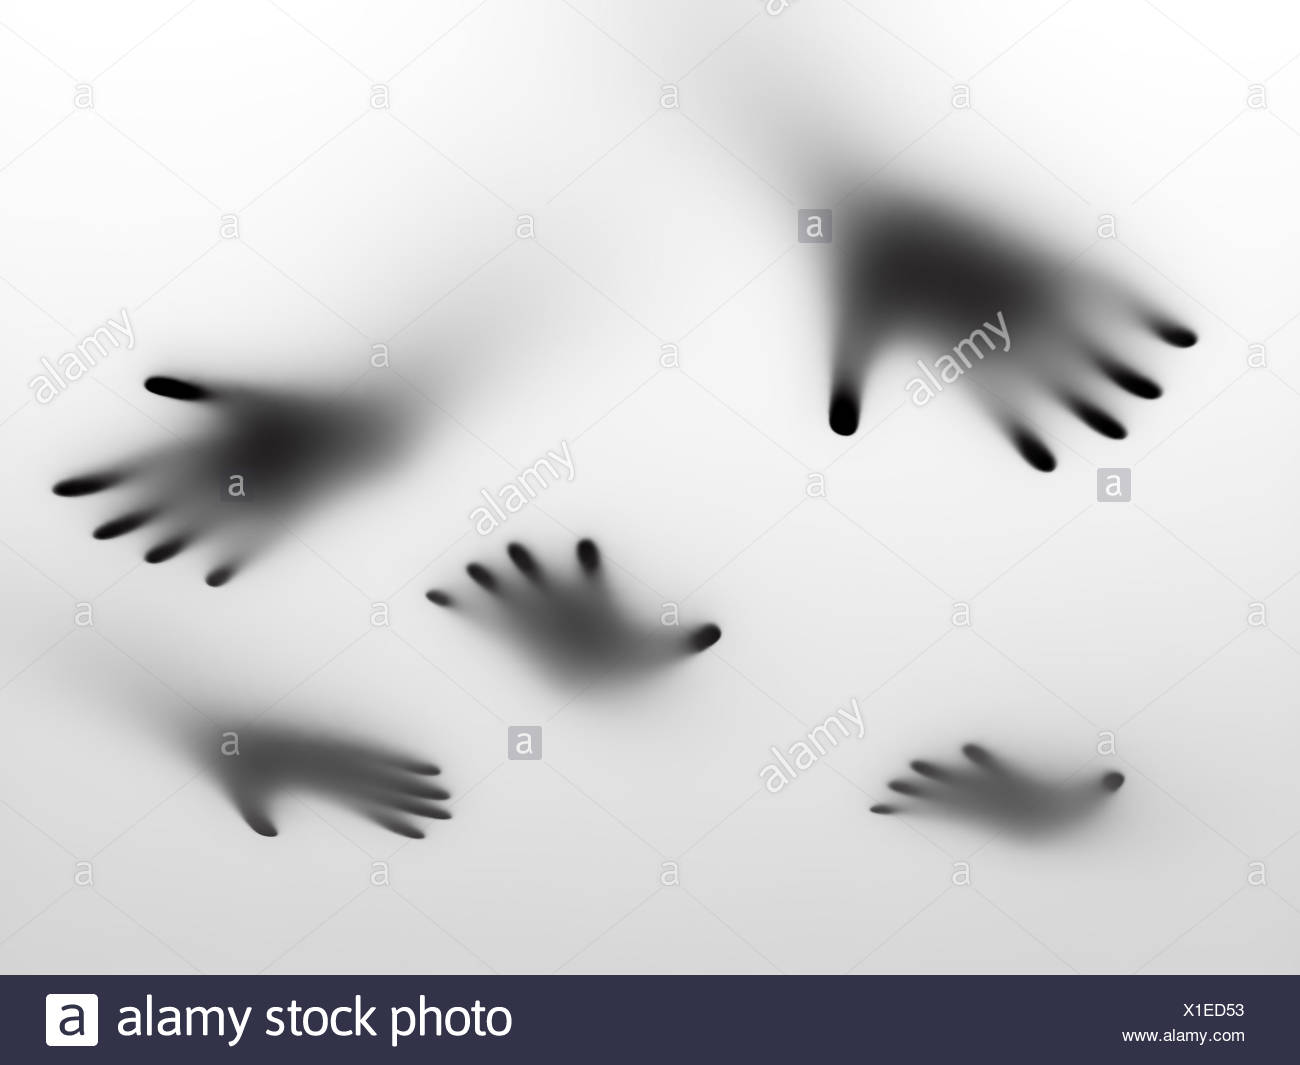 Resumen de las manos detrás de una superficie de vidrio esmerilado Imagen De Stock